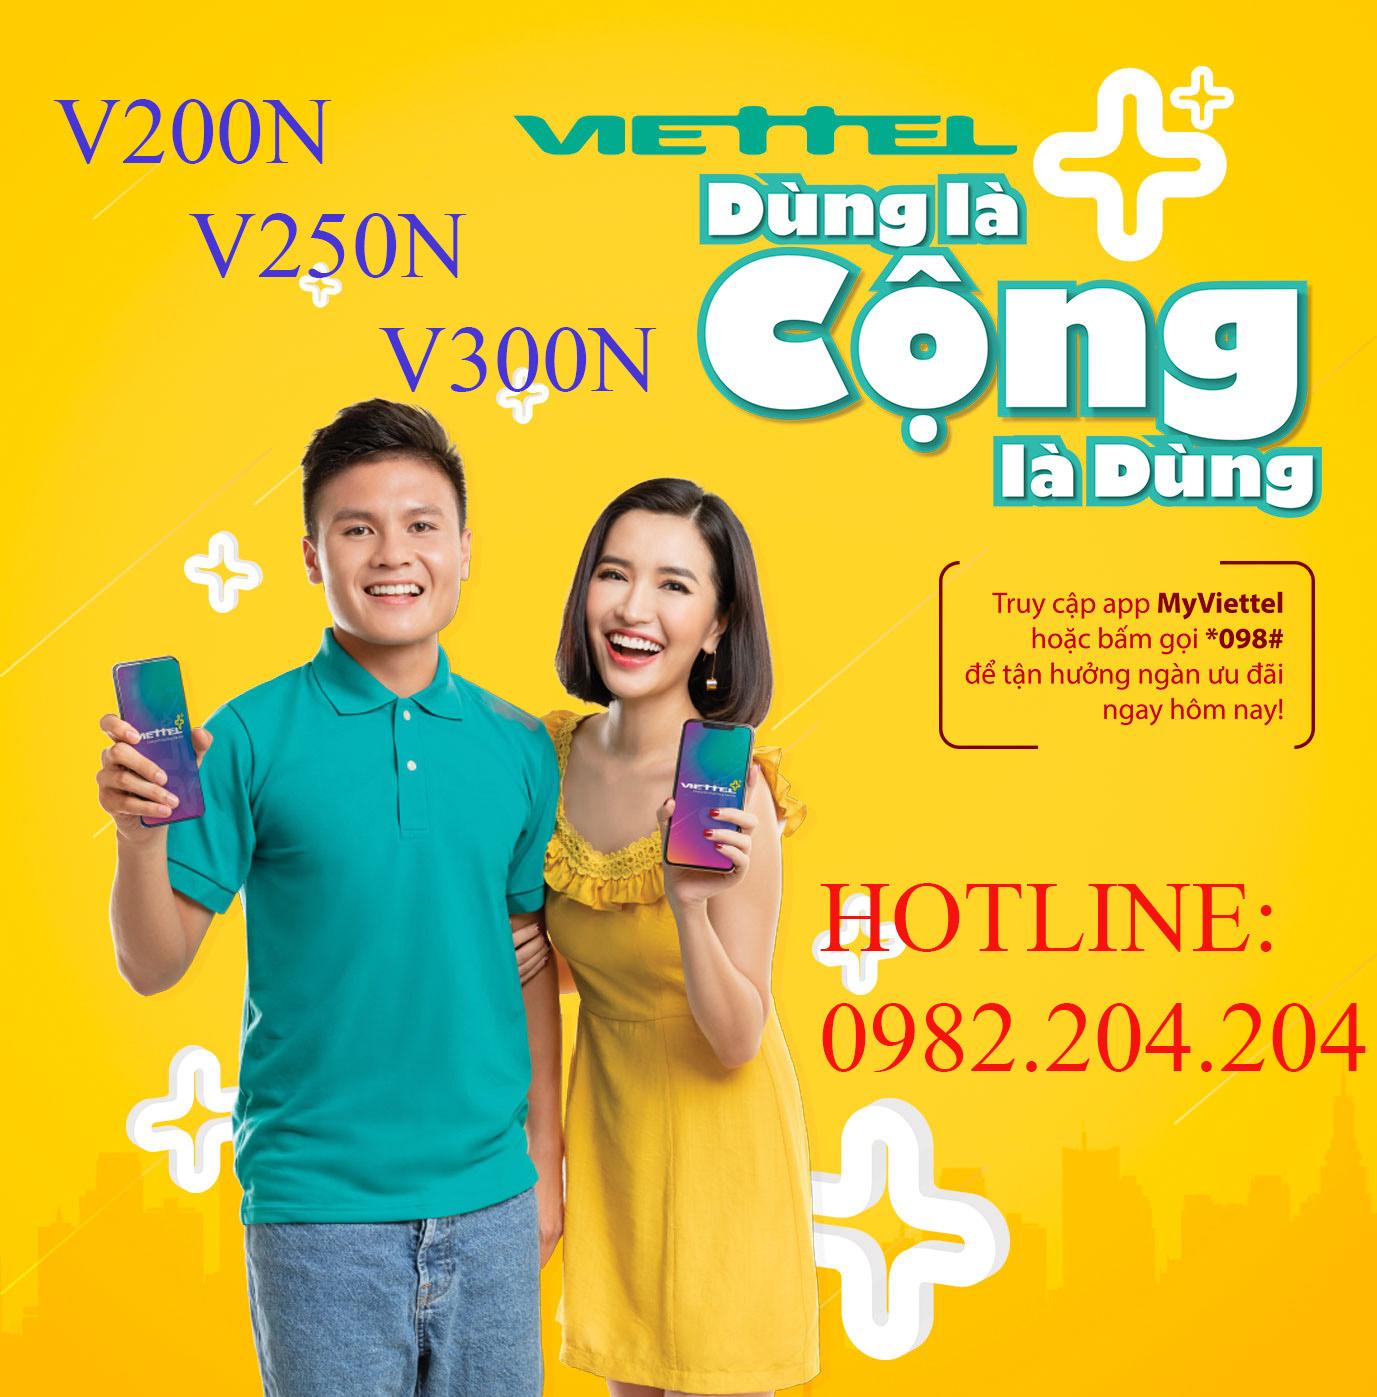 Khuyến mãi V200N V250N V300N Viettel.